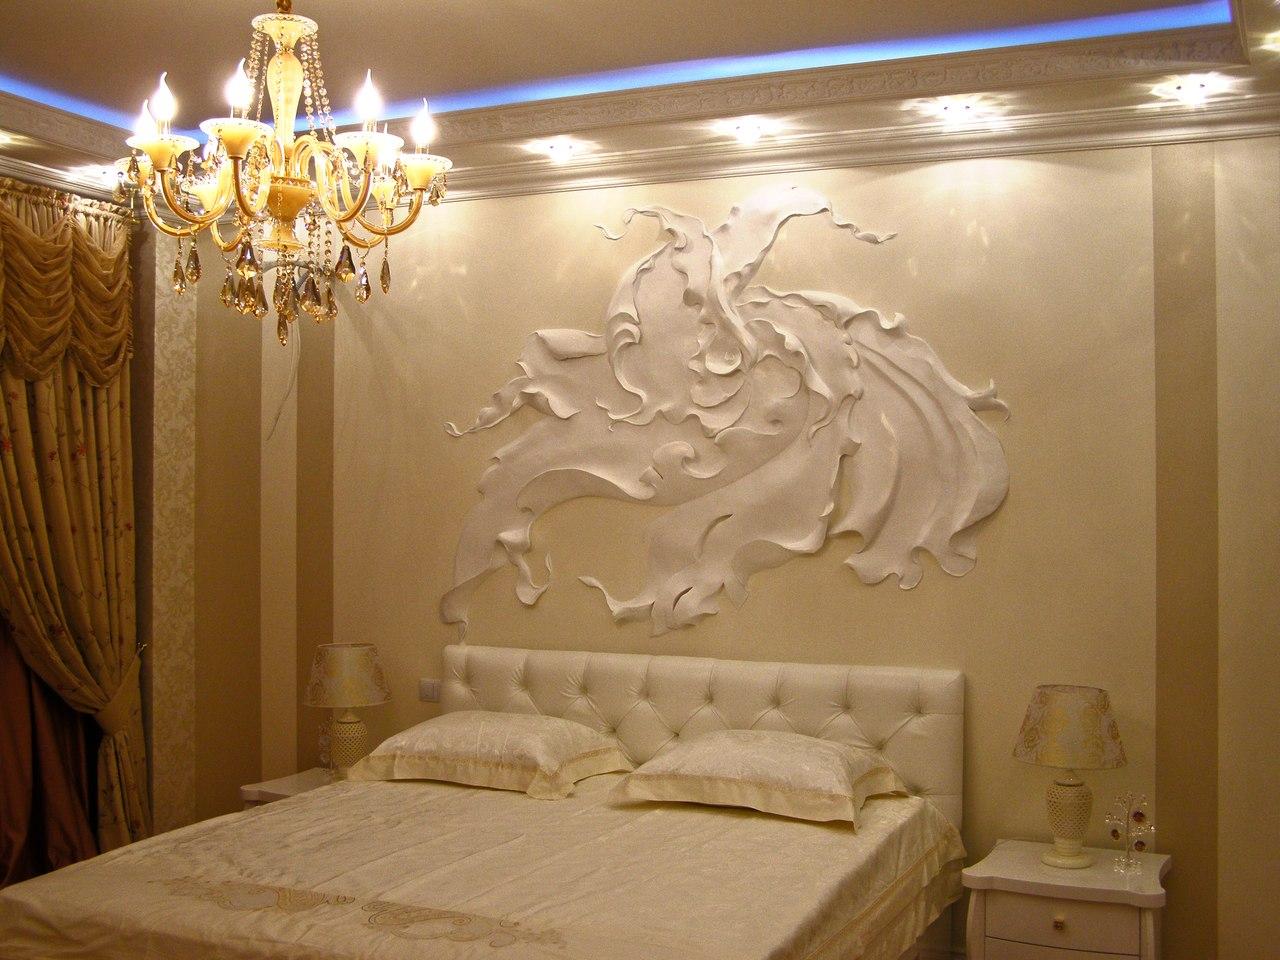 Объемная картина на стене в спальне